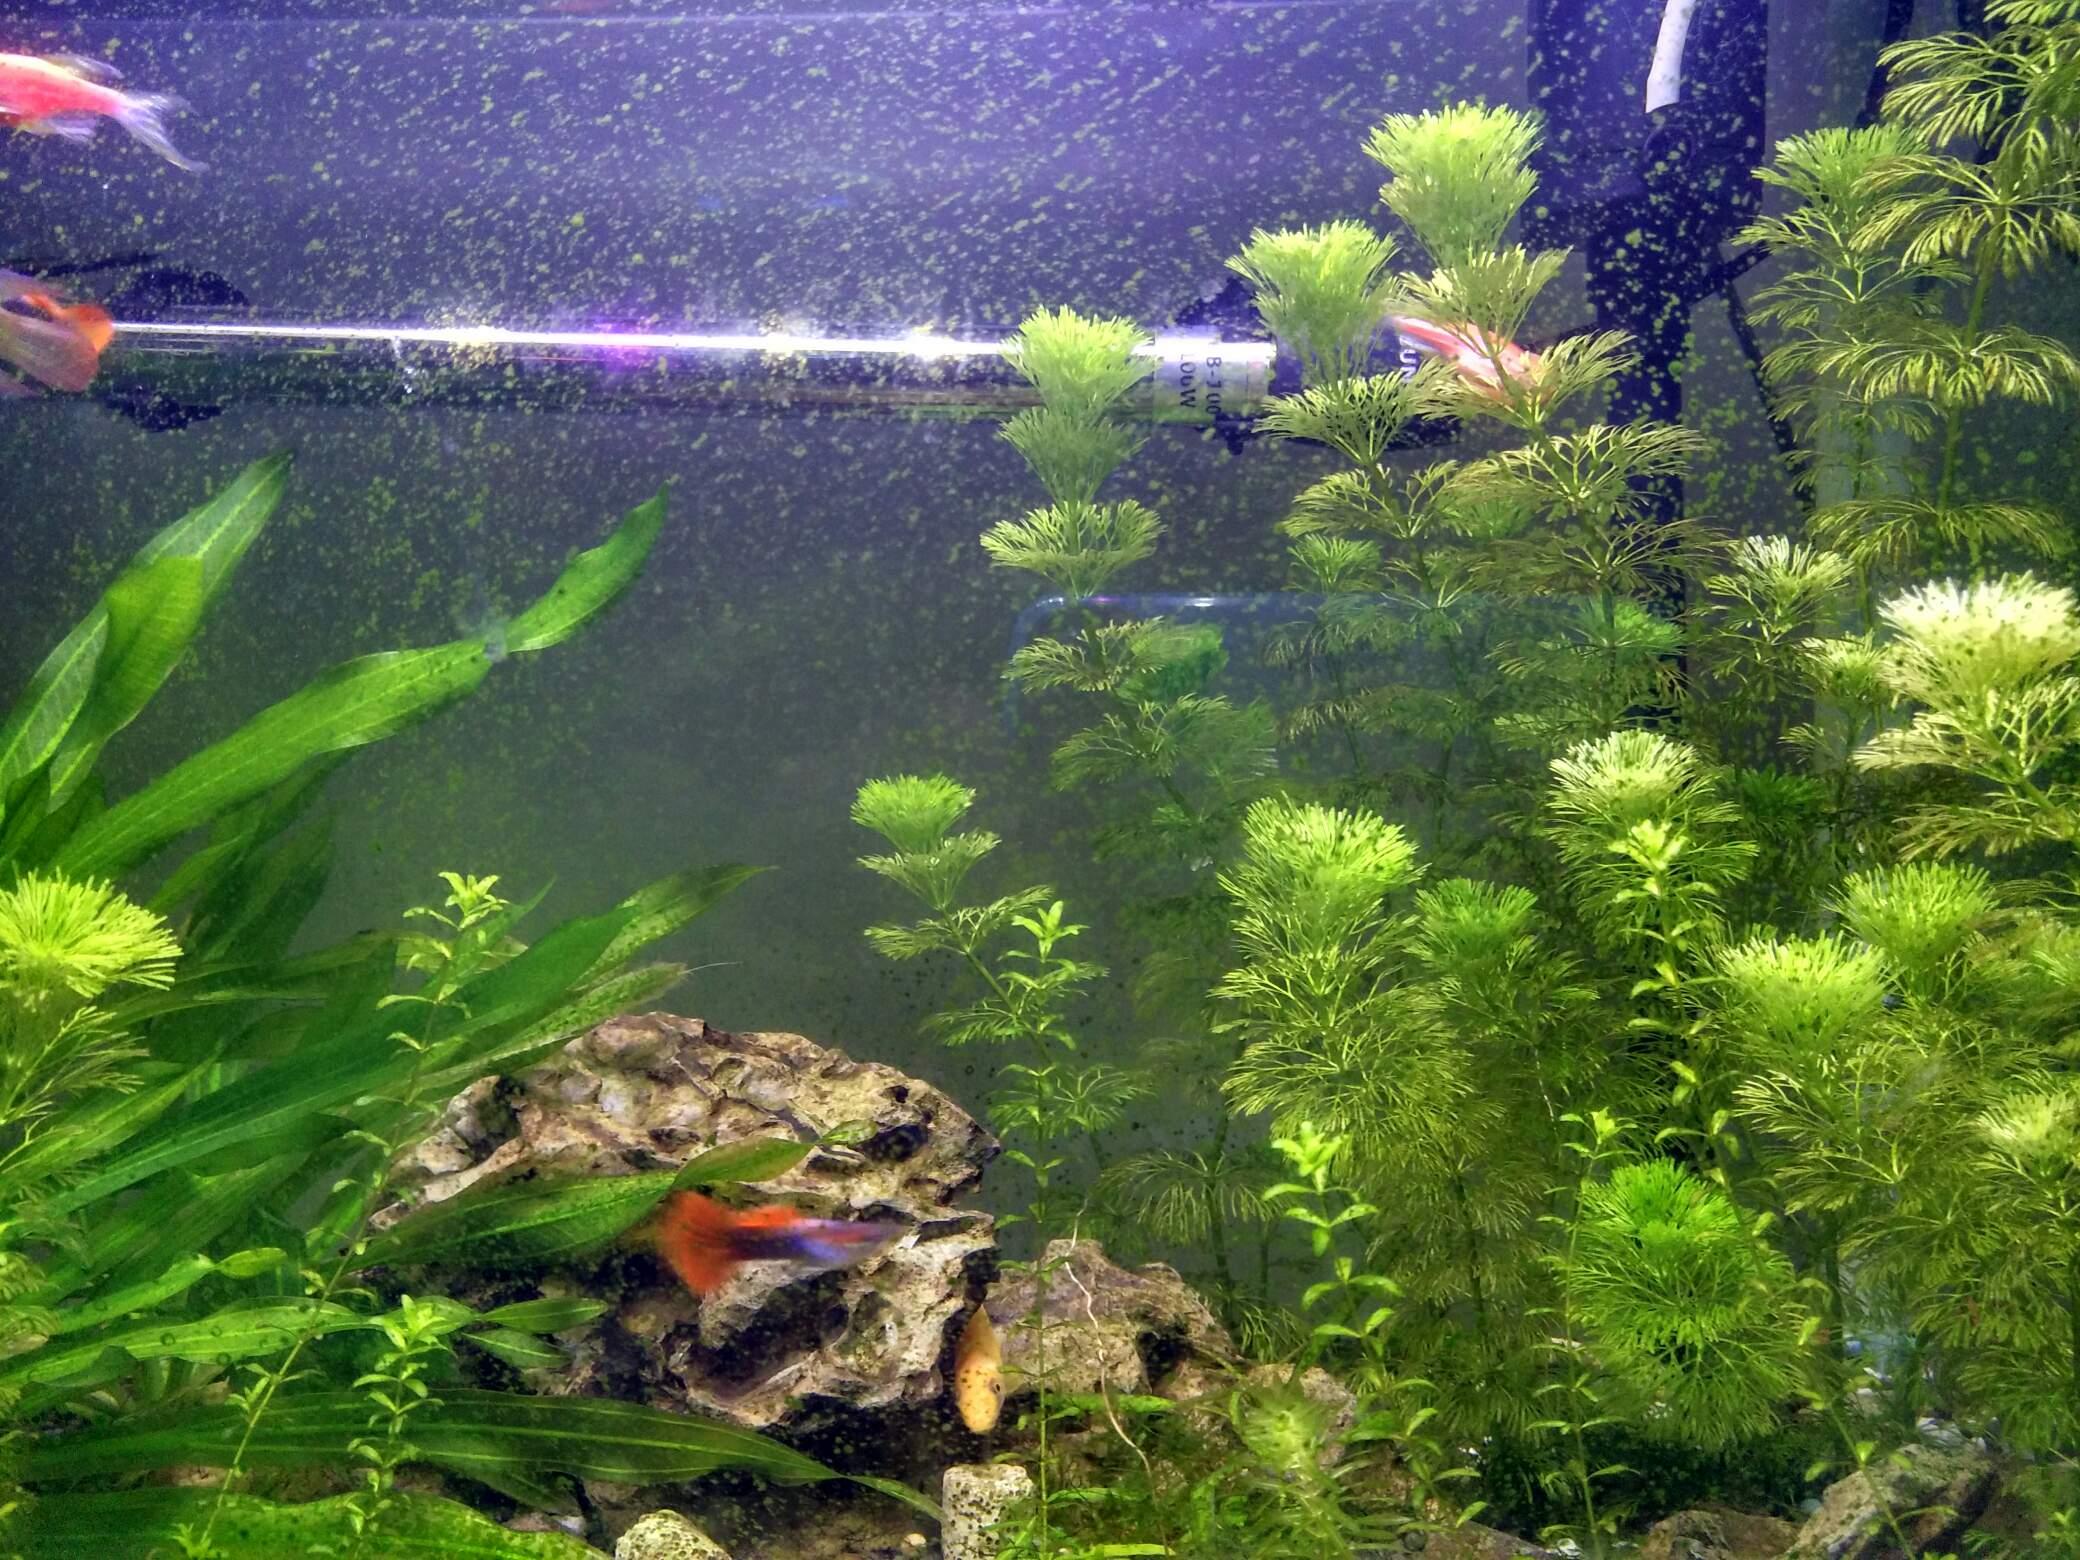 缸壁上的绿色青苔 西安观赏鱼信息 西安博特第2张